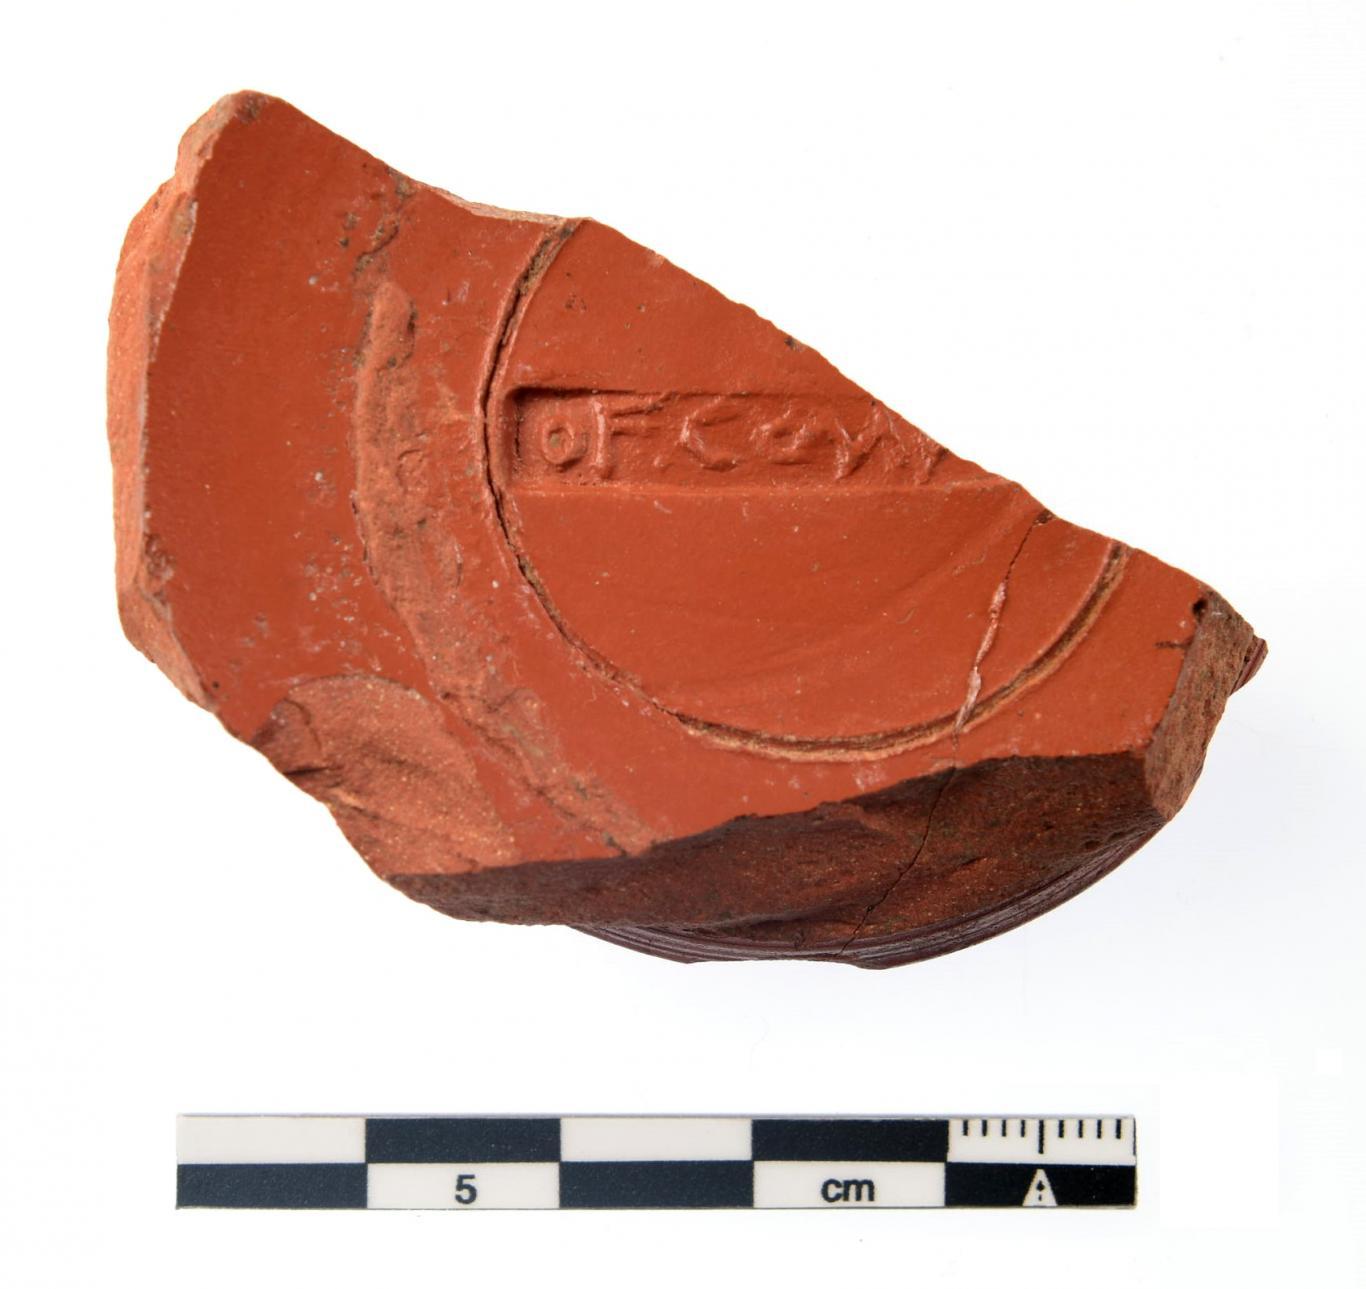 Imagen de fragmento de cerámica Terra sigillata hispánica con marca del fabricante